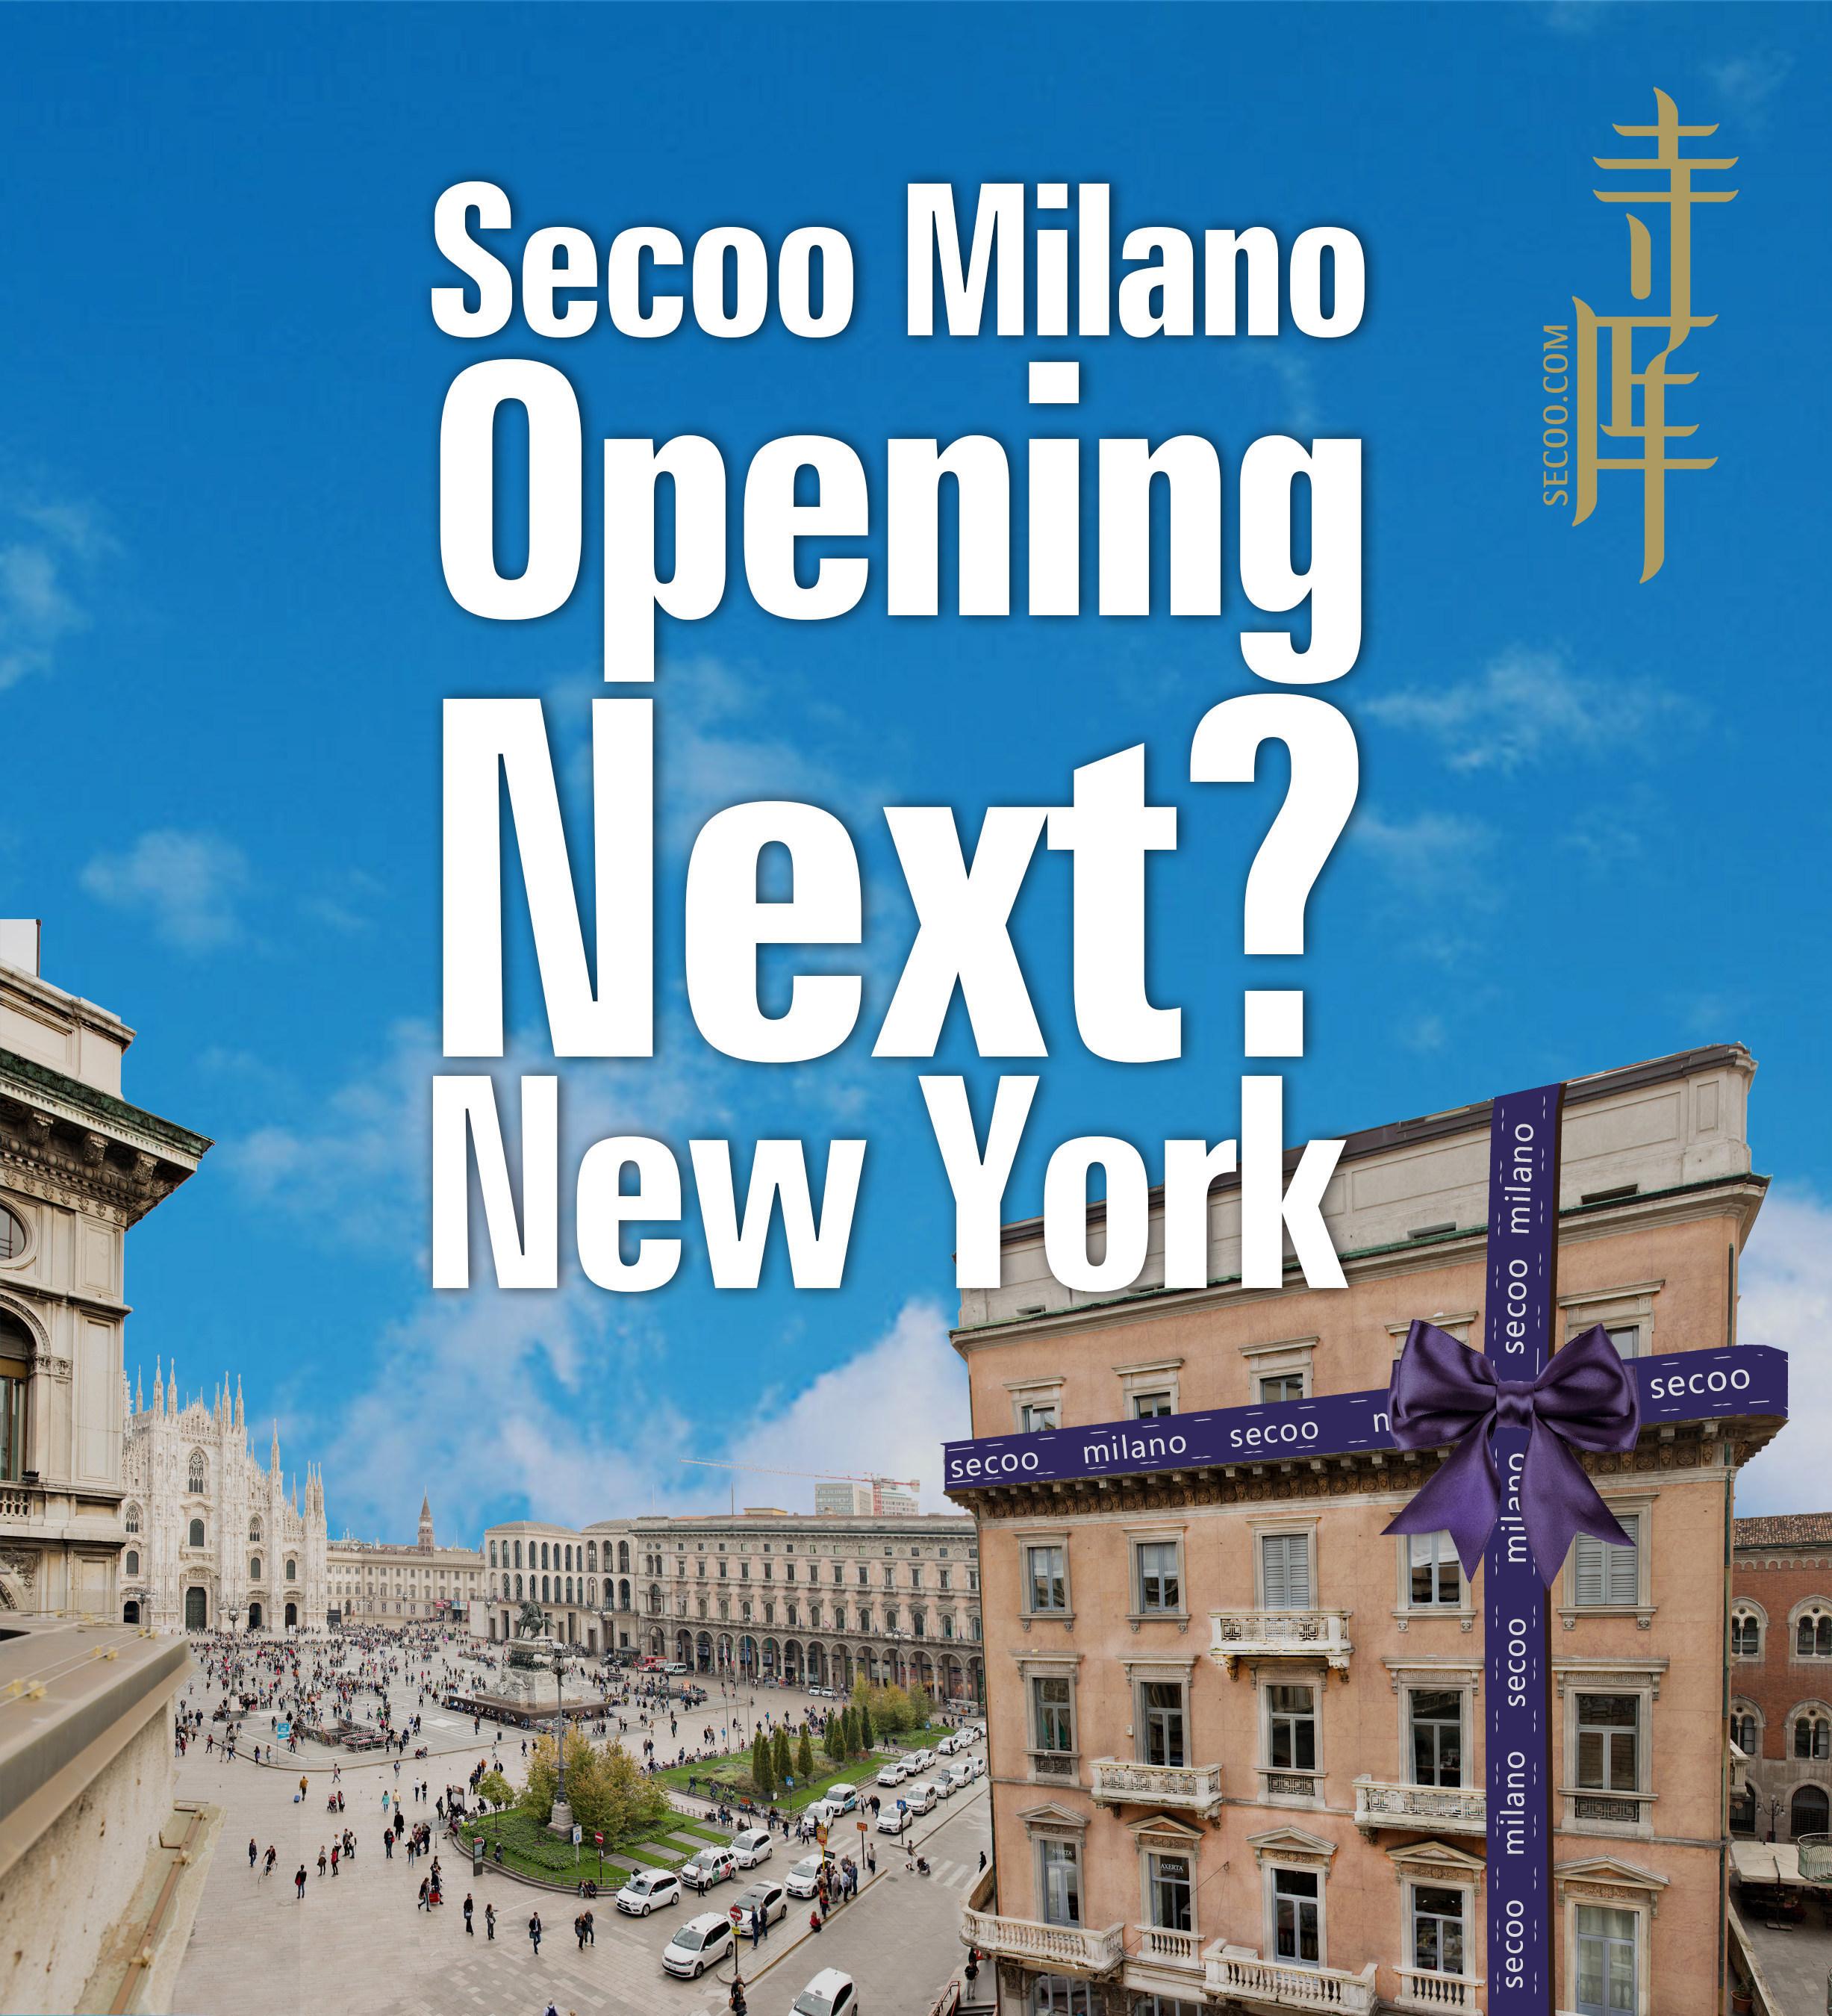 SECOO offre un'esperienza internazionale a Milano